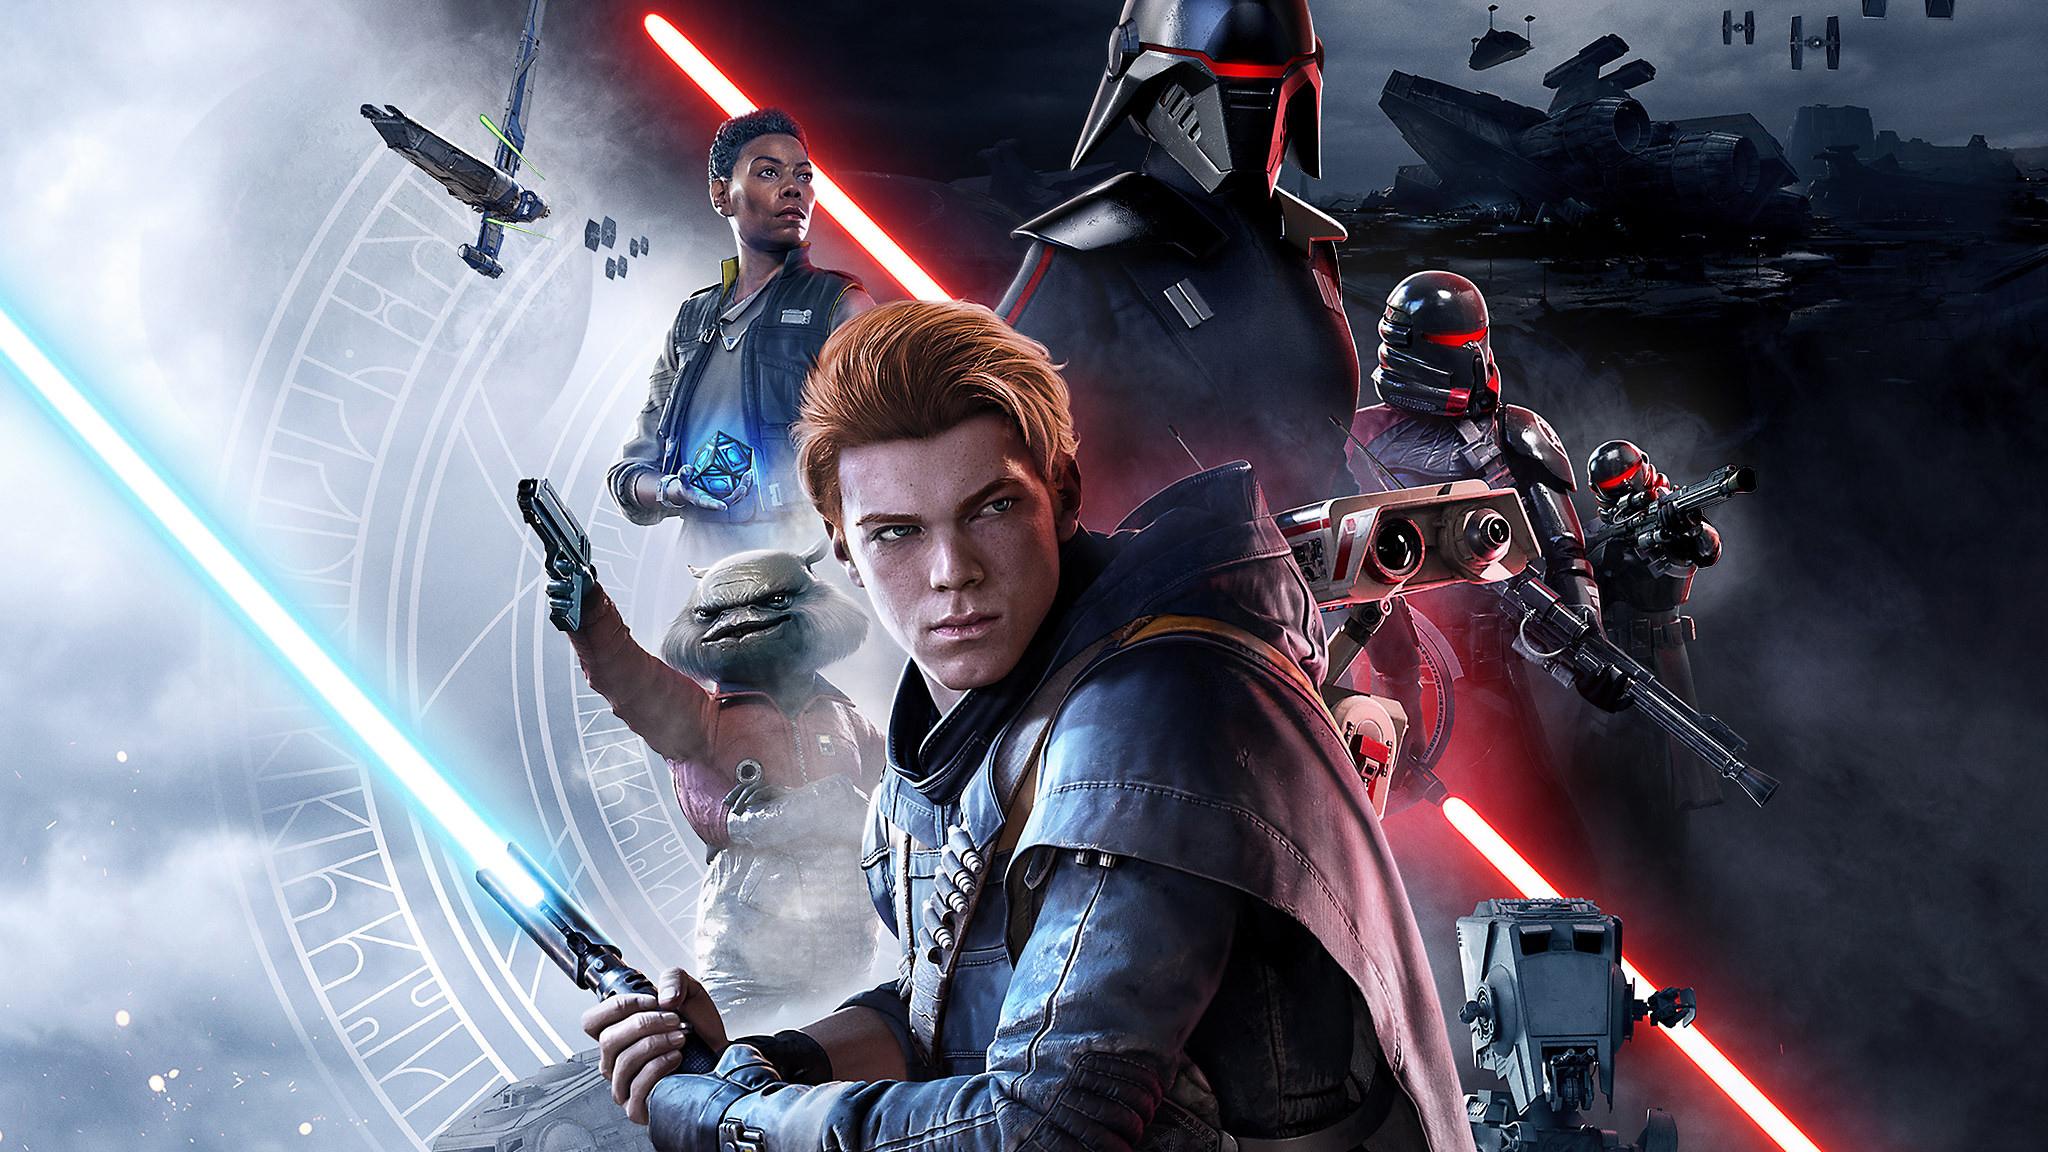 2019 Star Wars Jedi Fallen Order Hd Games 4k Wallpapers